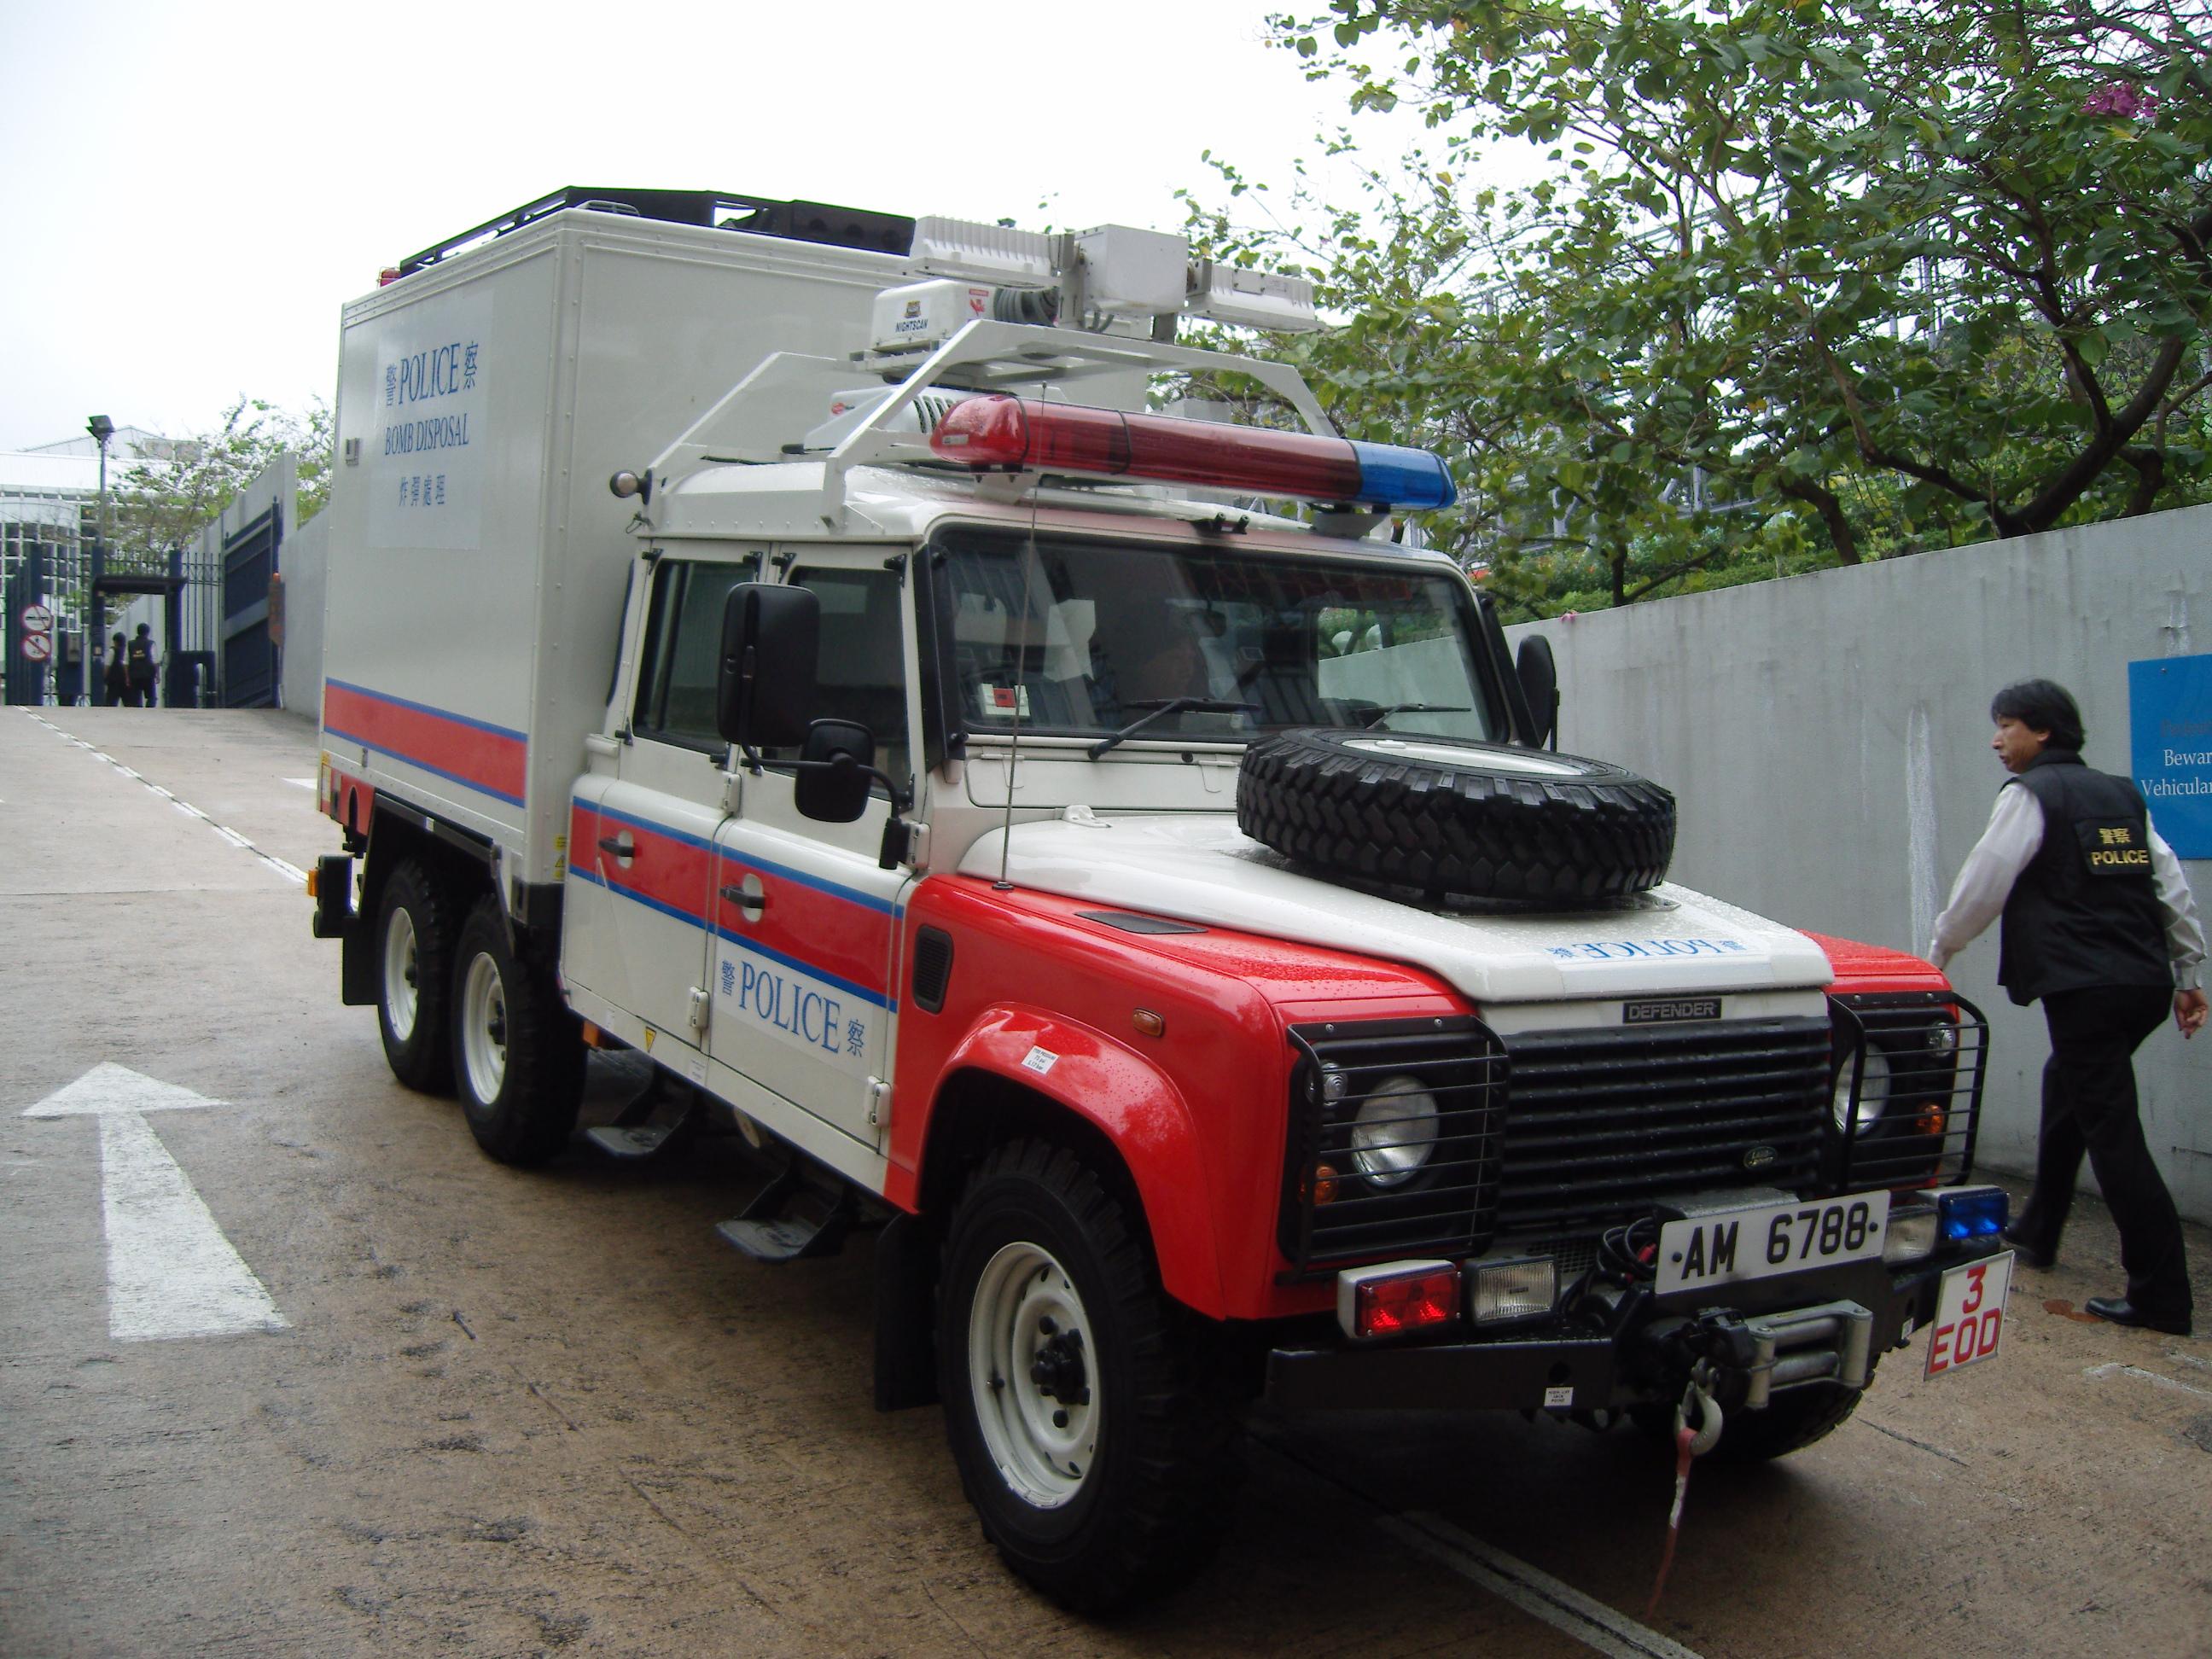 6 wheel Land Rover Defender Hong Kong Police Bomb Disposal